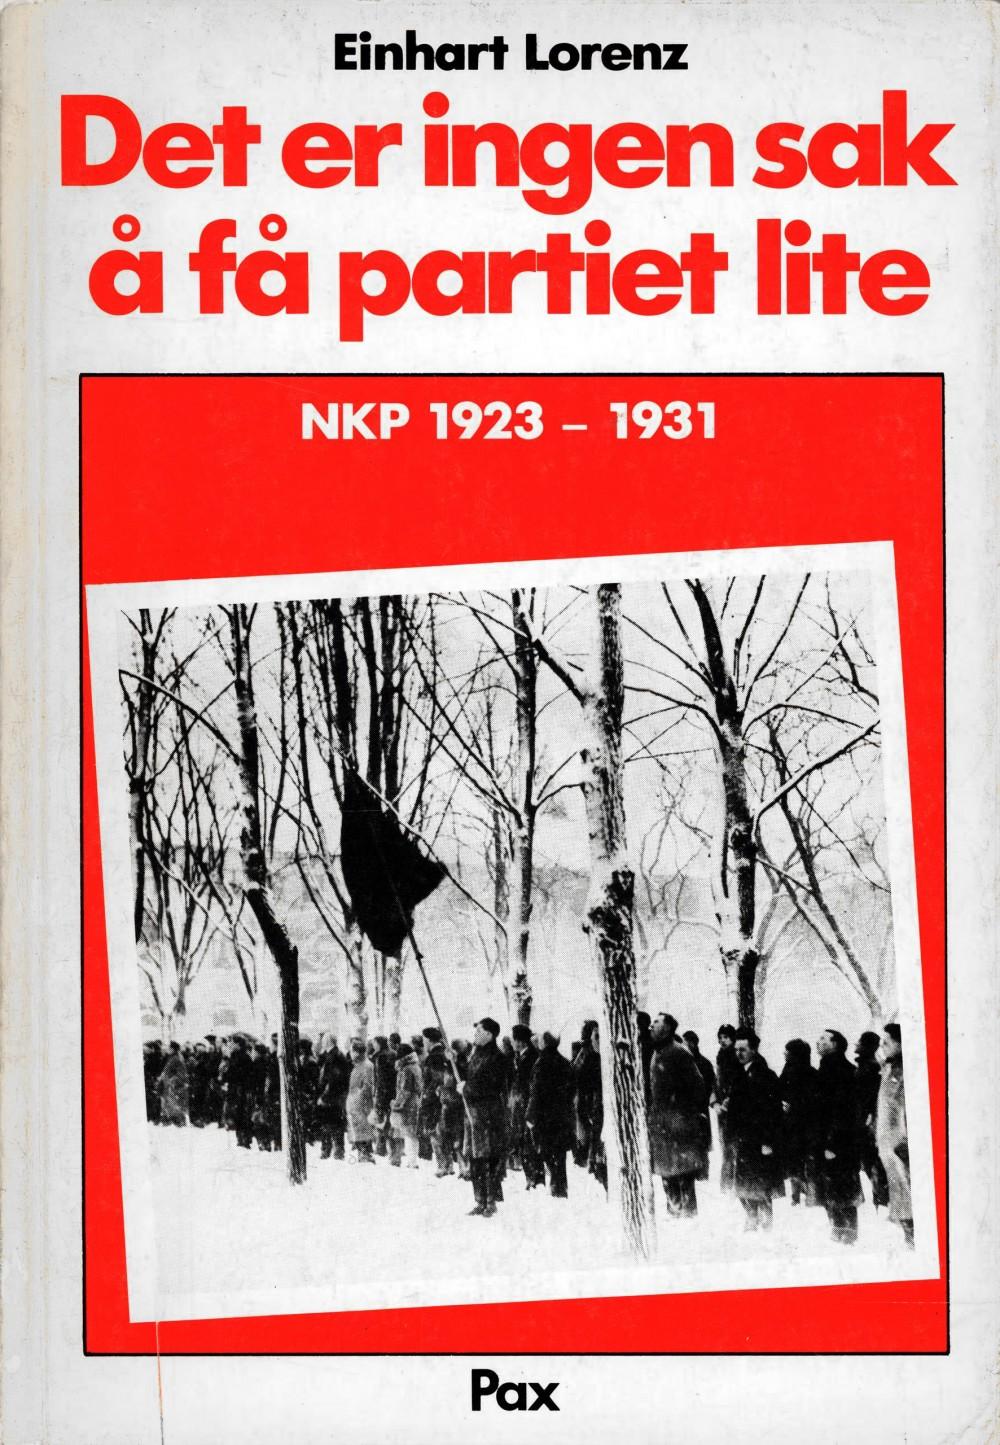 Einhart Lorenz: Det er ingen sak å få partiet lite - NKP 1923-1931